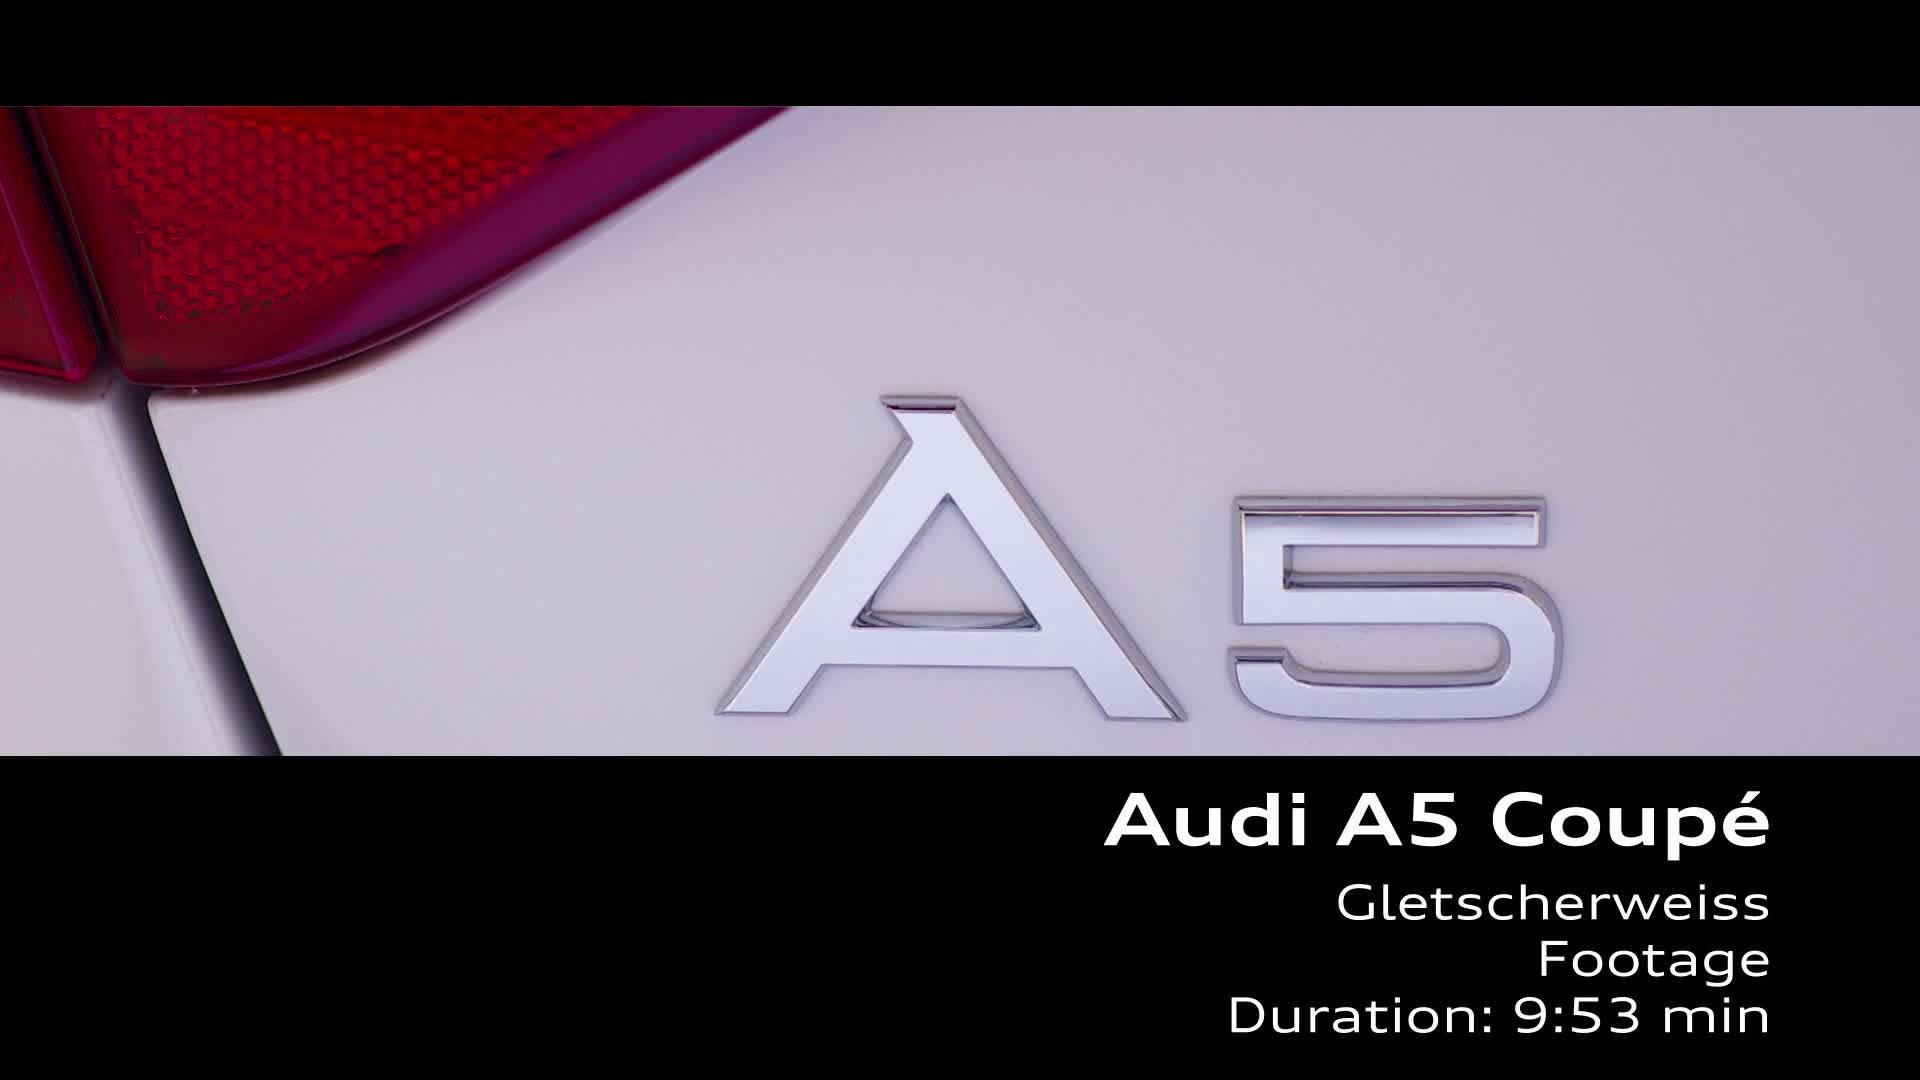 The Audi A5 Coupé